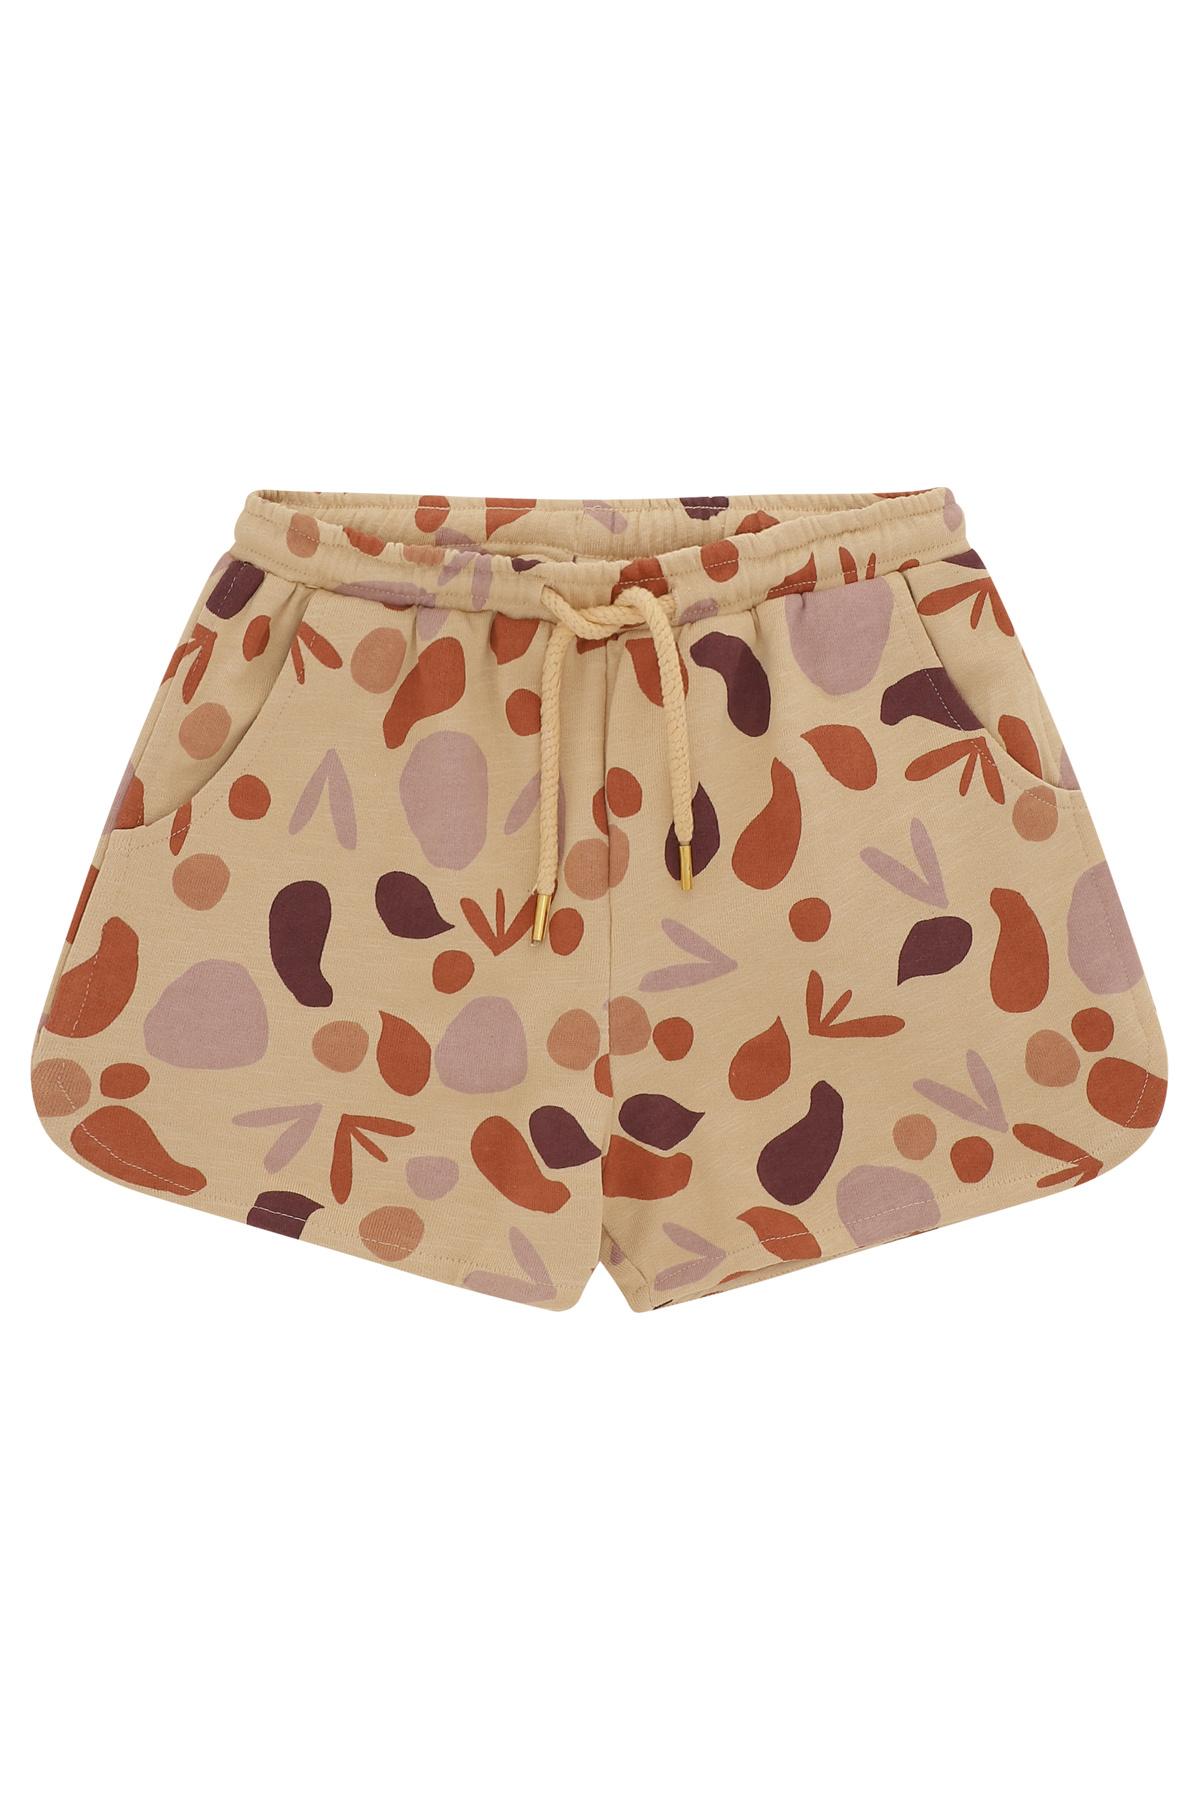 Paris shorts - Beige shapes-1